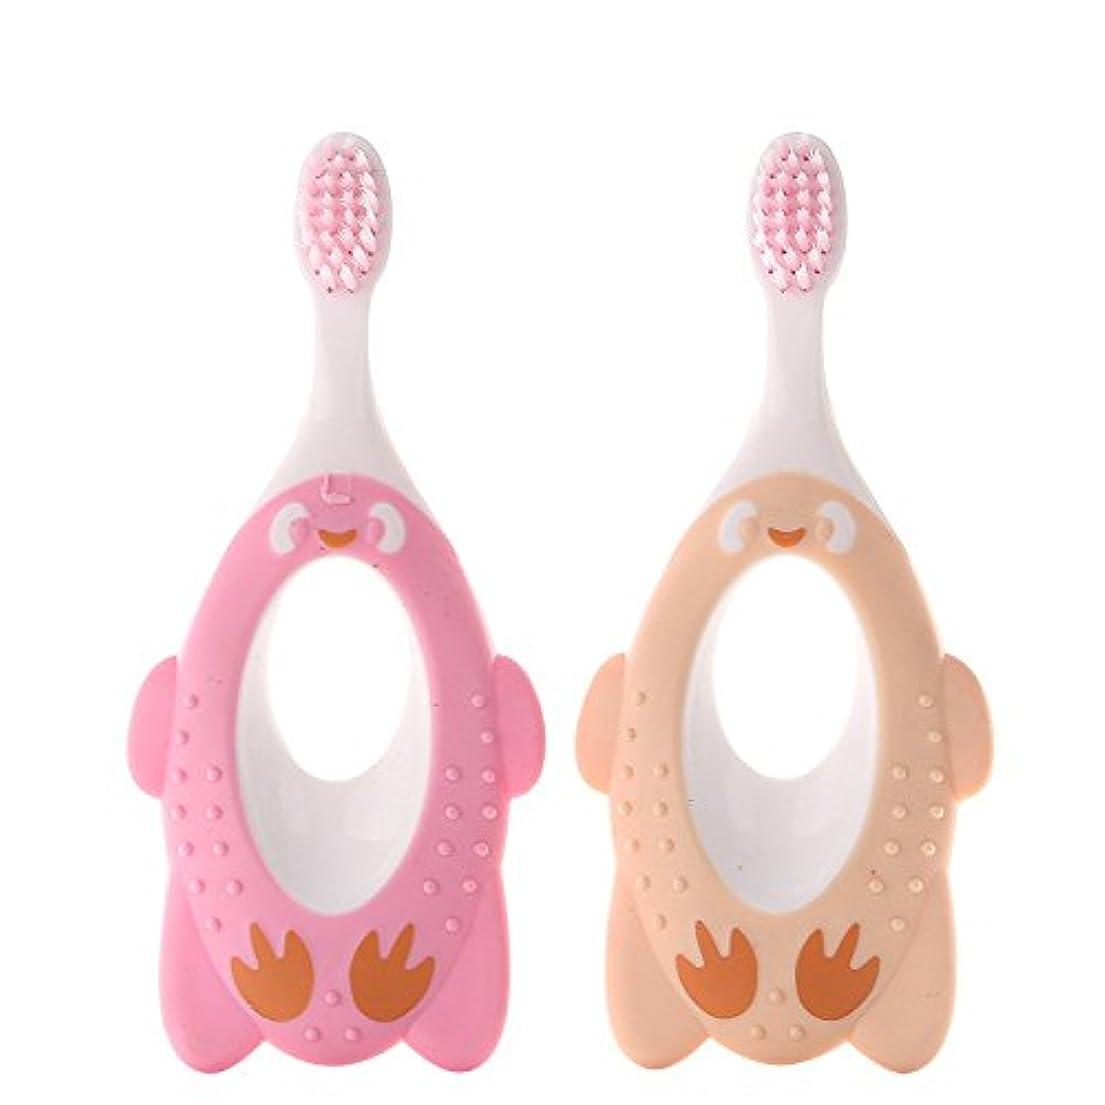 フェリータイヤ乱用Liebeye 赤ちゃん 歯ブラシ かわいい漫画 柔らかい毛の口腔ケア ツール 練習 歯ブラシ ランダムな色